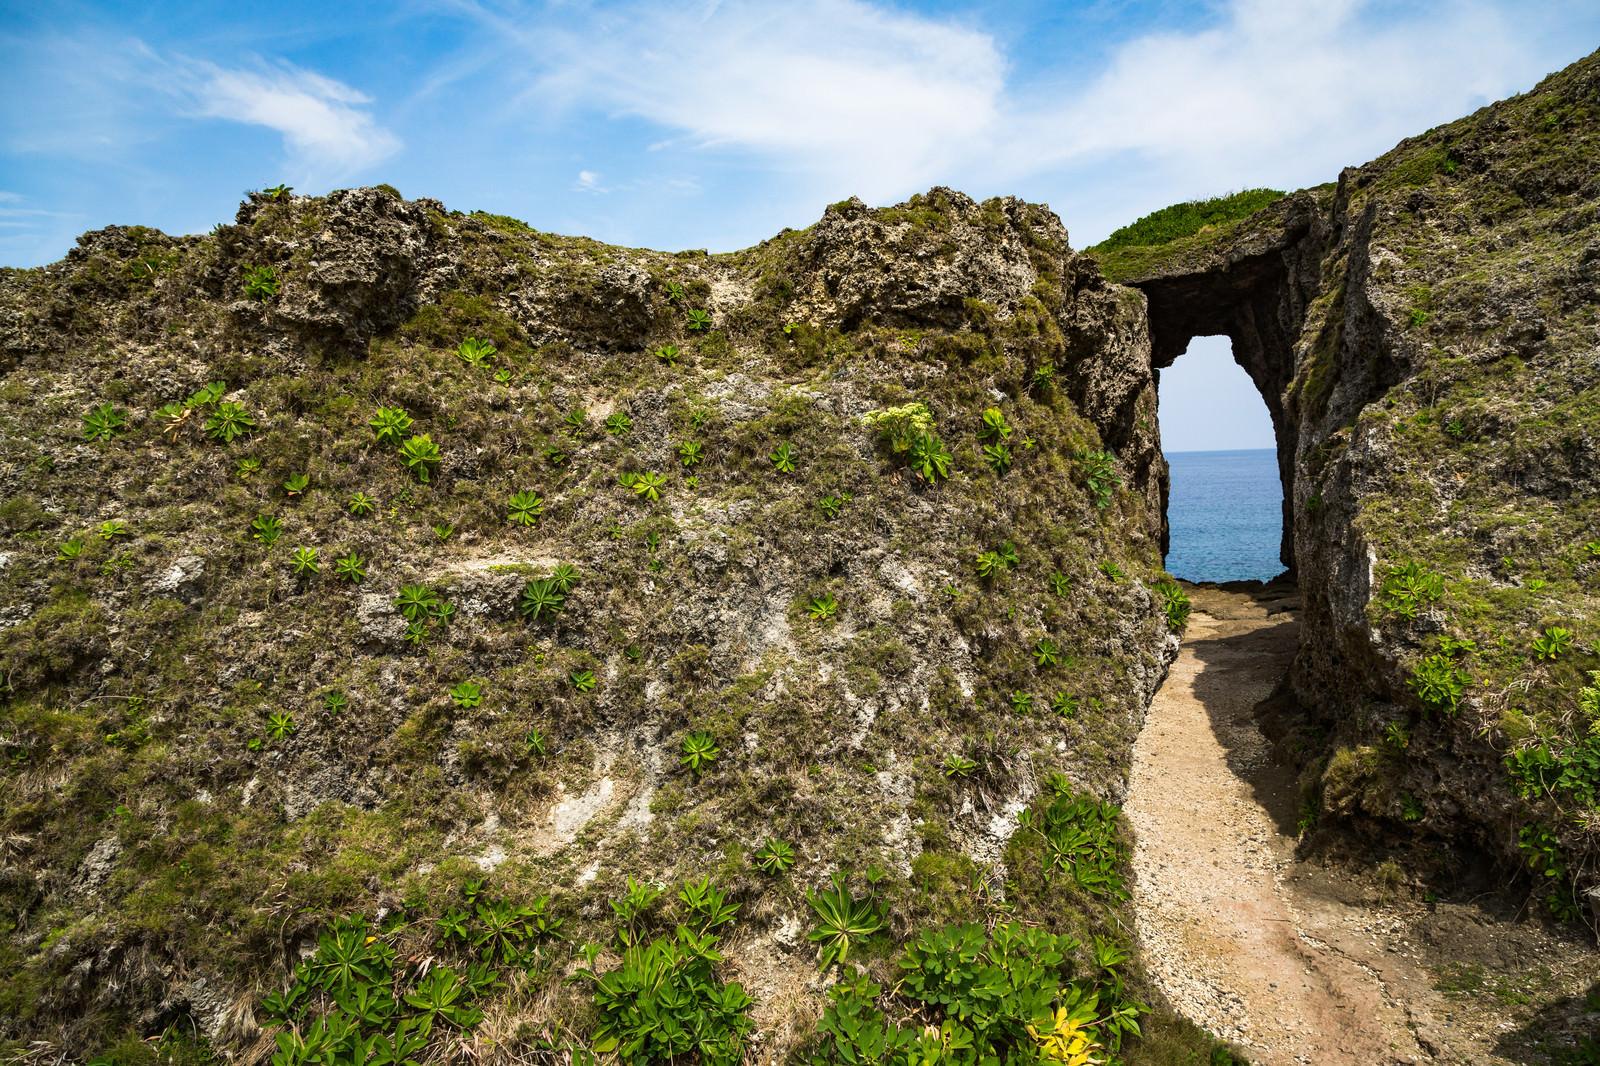 「犬の門蓋のメガネ岩入り口」の写真